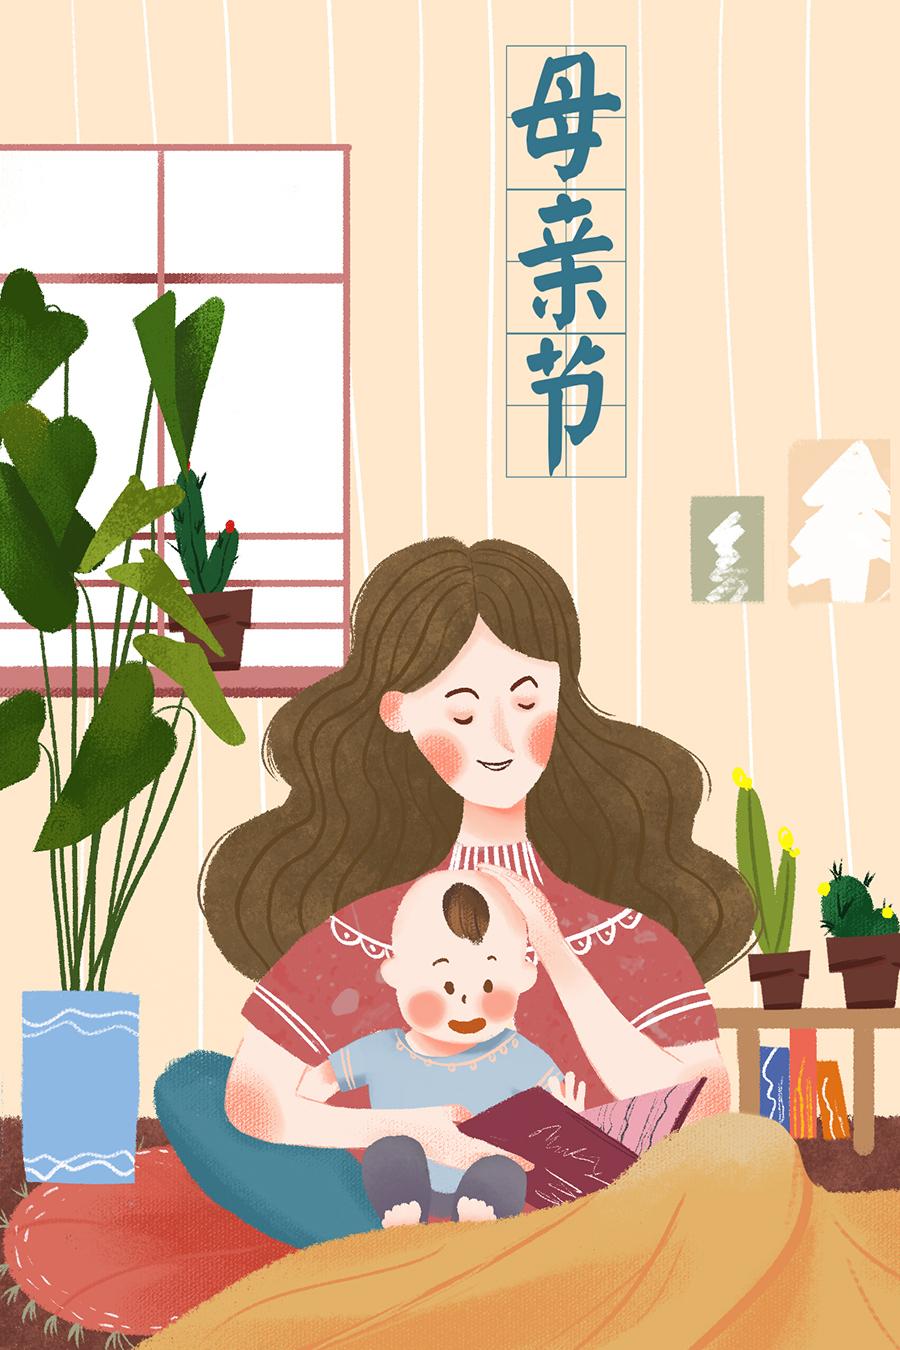 清新卡通手绘母亲节插画素材 插画-第10张